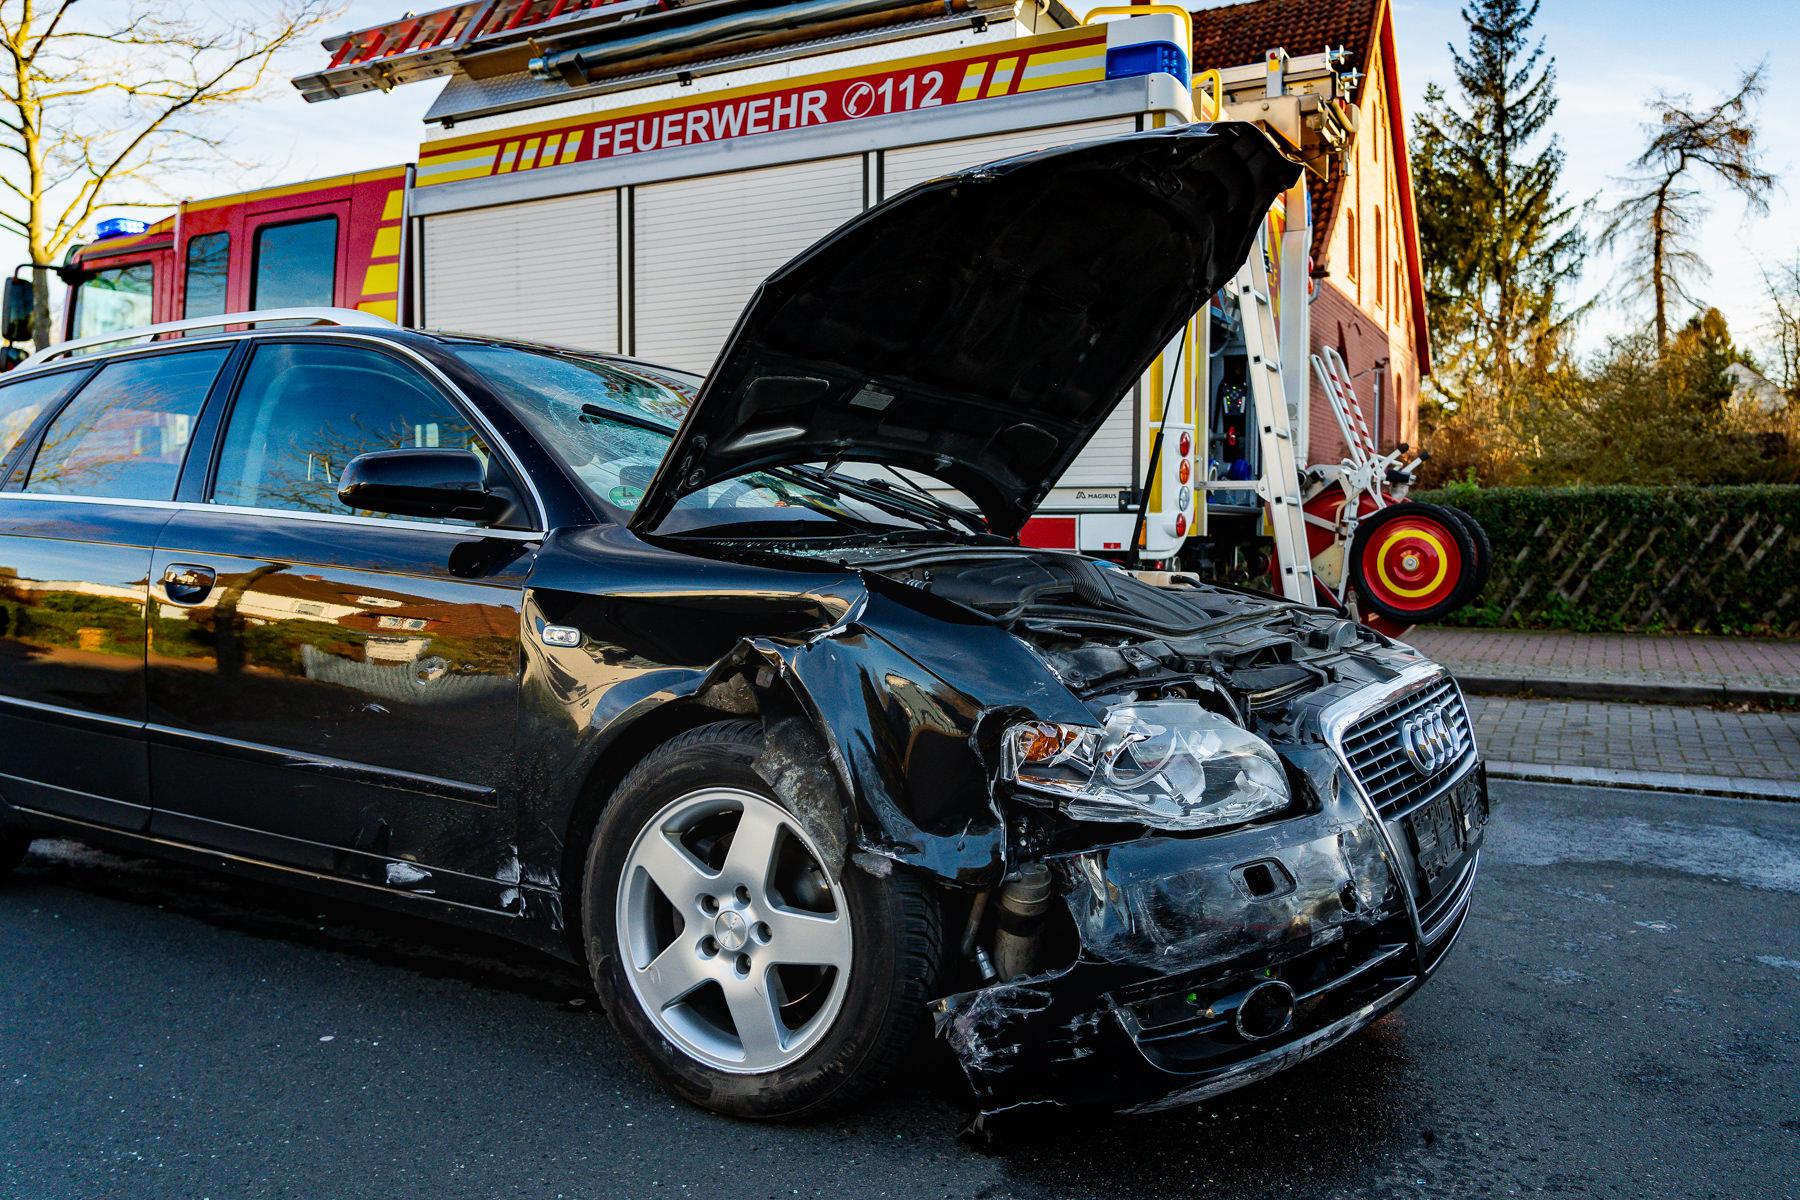 Der Audi war mit der rechten Seite gegen den Kleinwagen gestoßen und hatte ihn wohl wieder herumgeschleudert (Foto: n112.de/Stefan Simonsen)